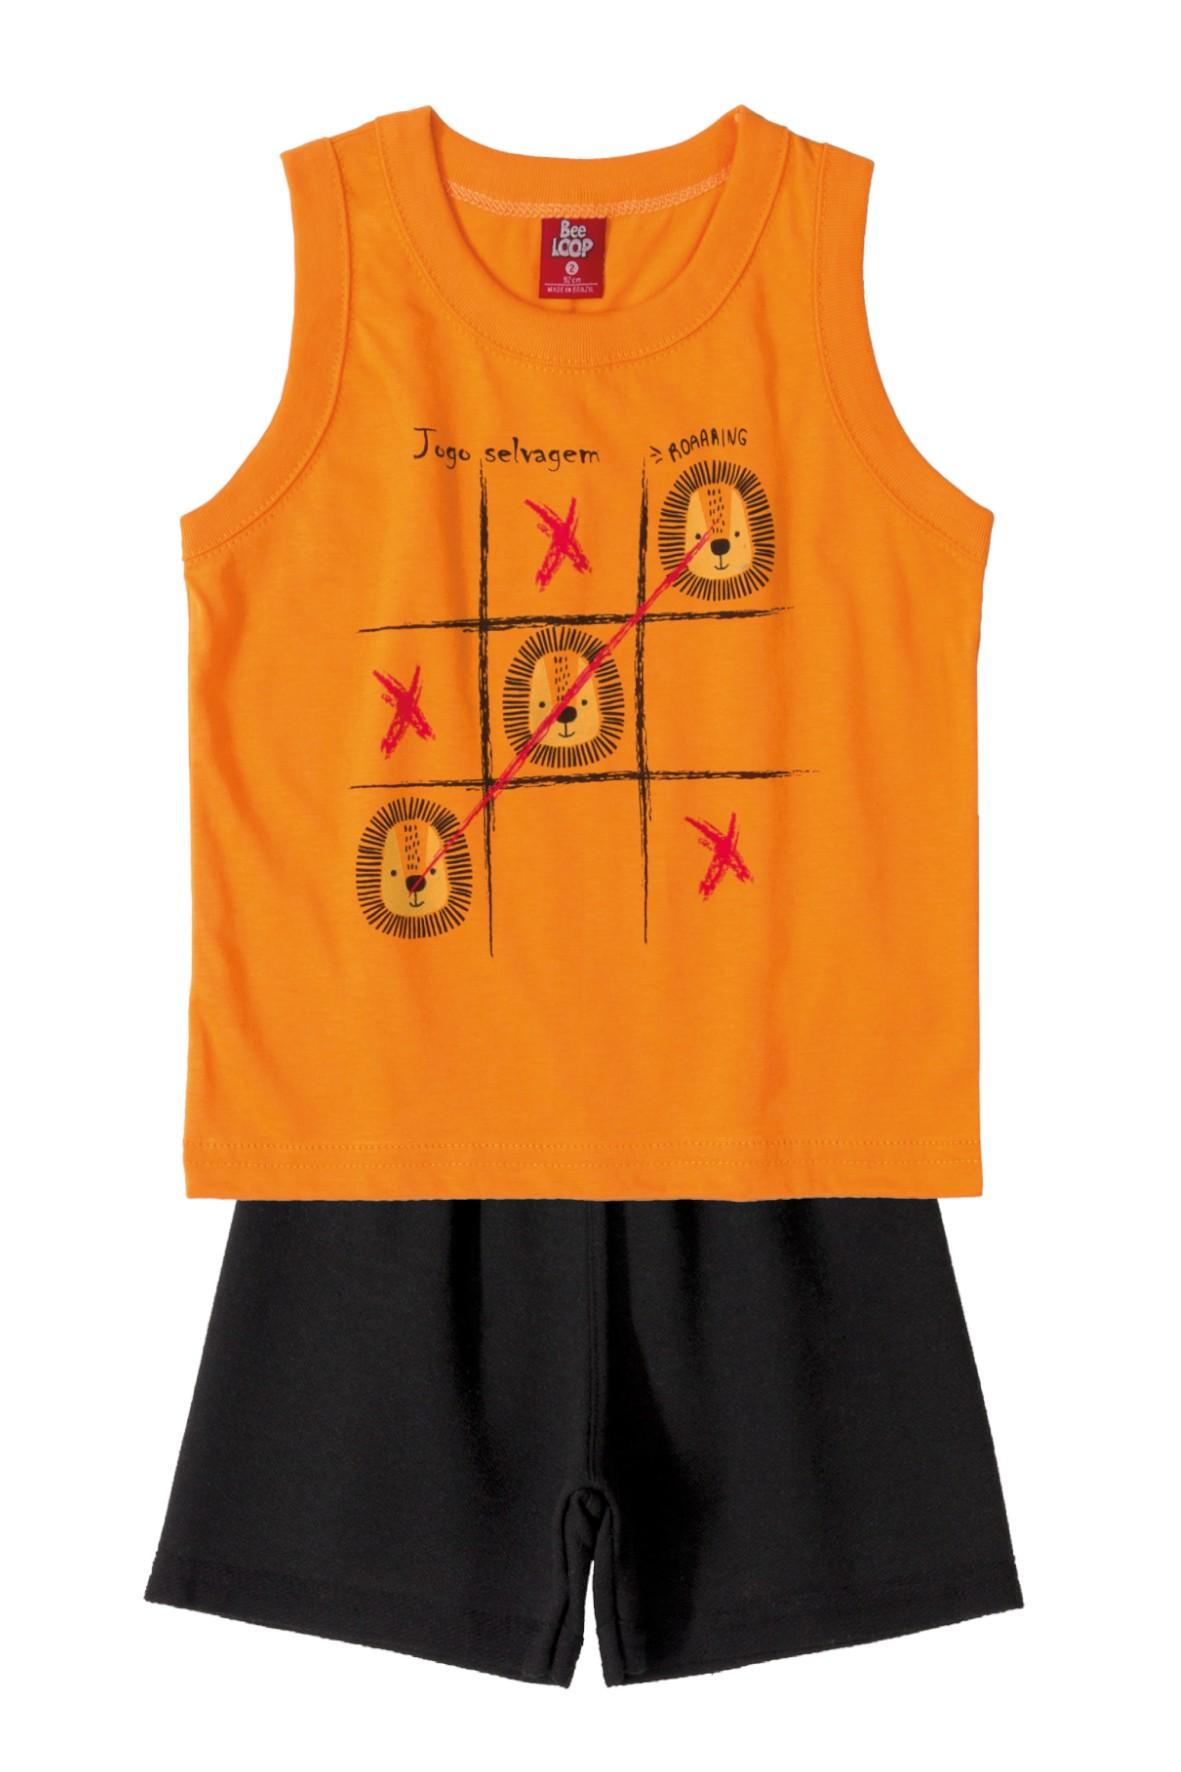 Pomarańczowa koszulka i spodenki- komplet ubrań na lato